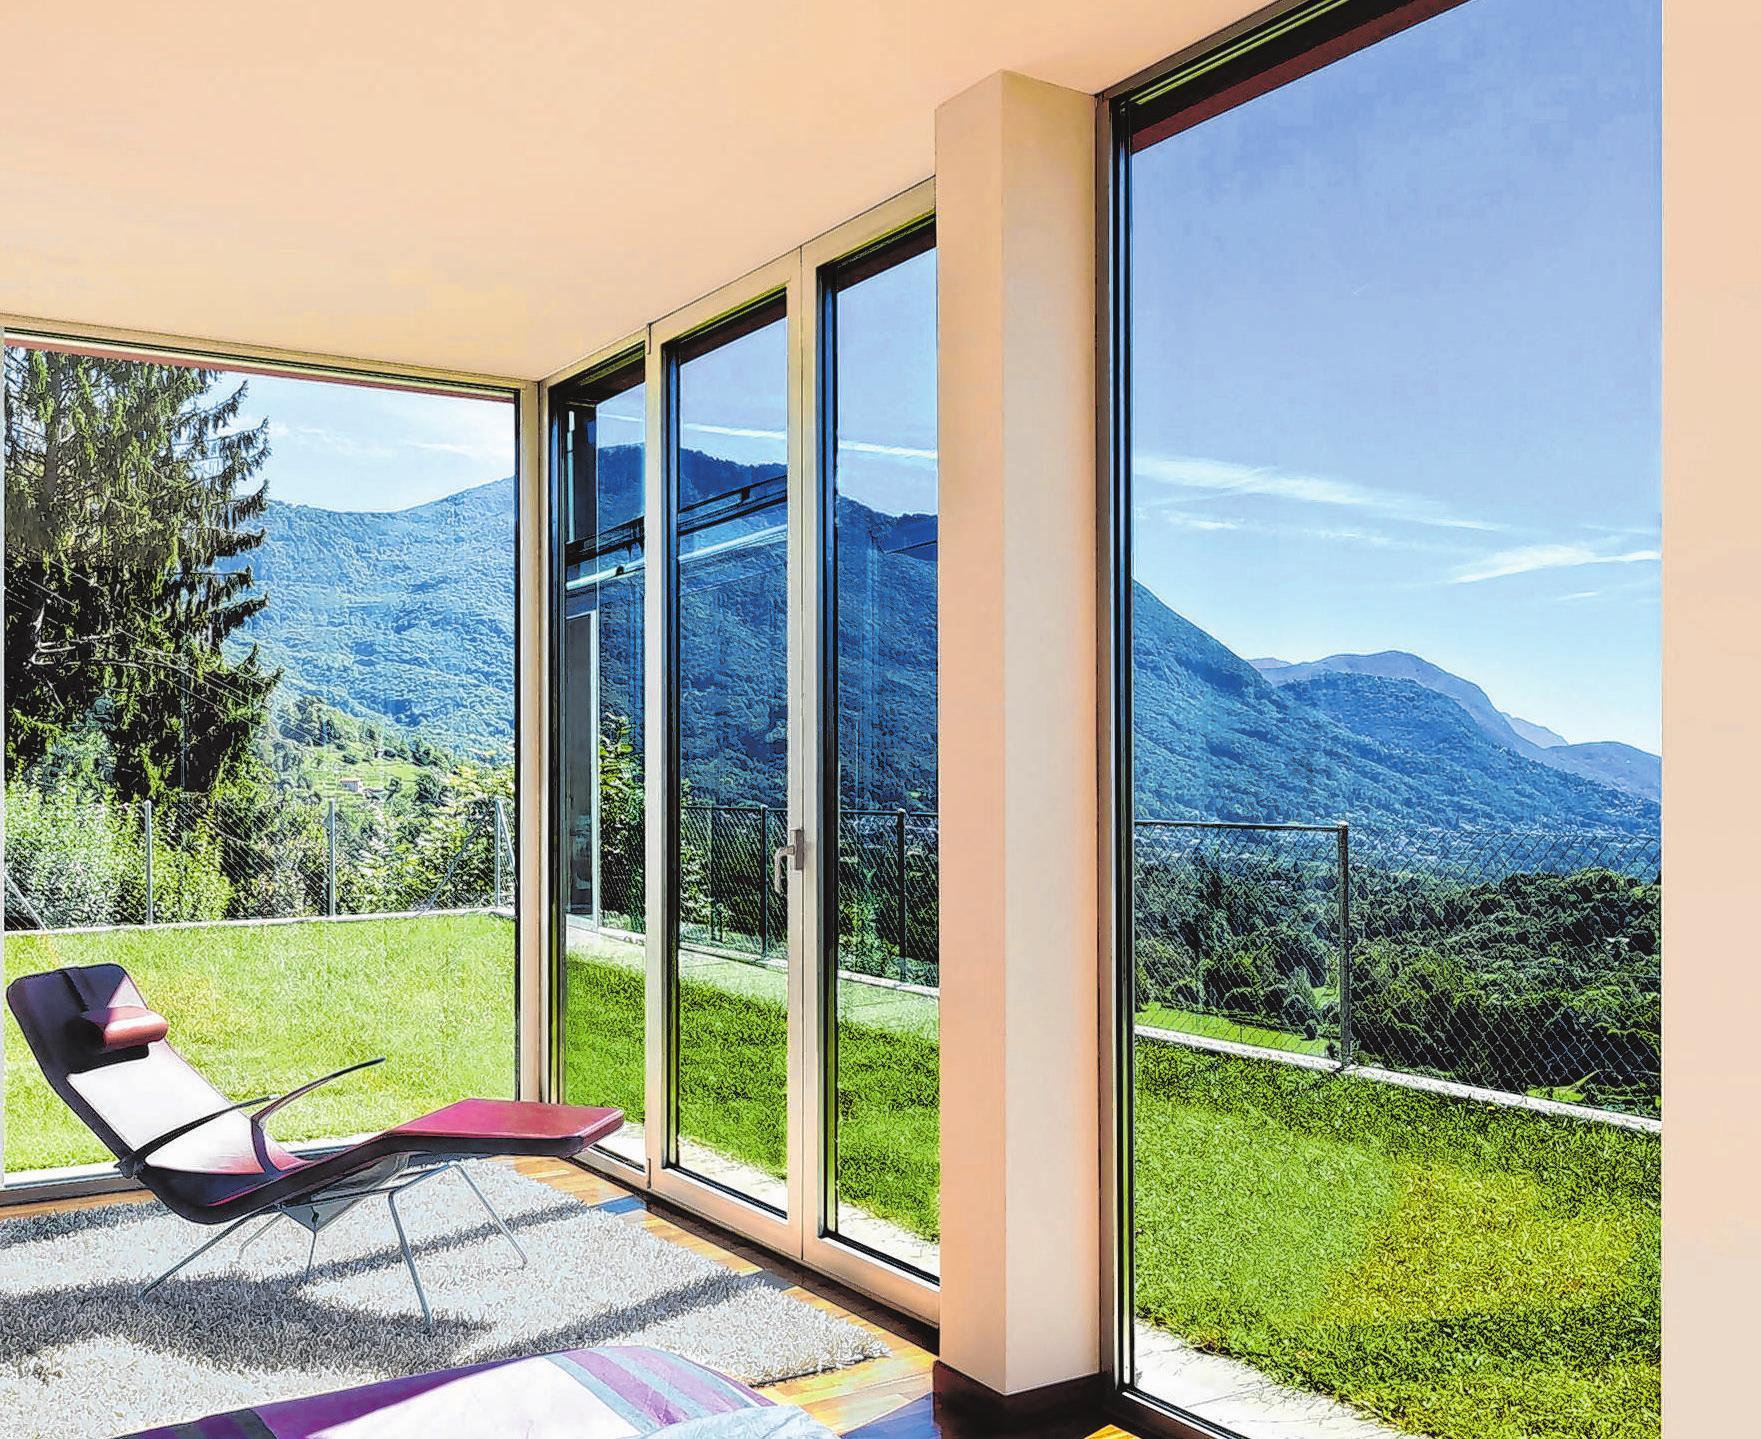 Die Sonne kann Räume stark aufheizen. Dann ist der richtige Schutz wichtig. Eine Möglichkeit: Sonnenschutzglas. Fenster lassen sich so verdunkeln. Foto: Econtrol/BVFlachglas